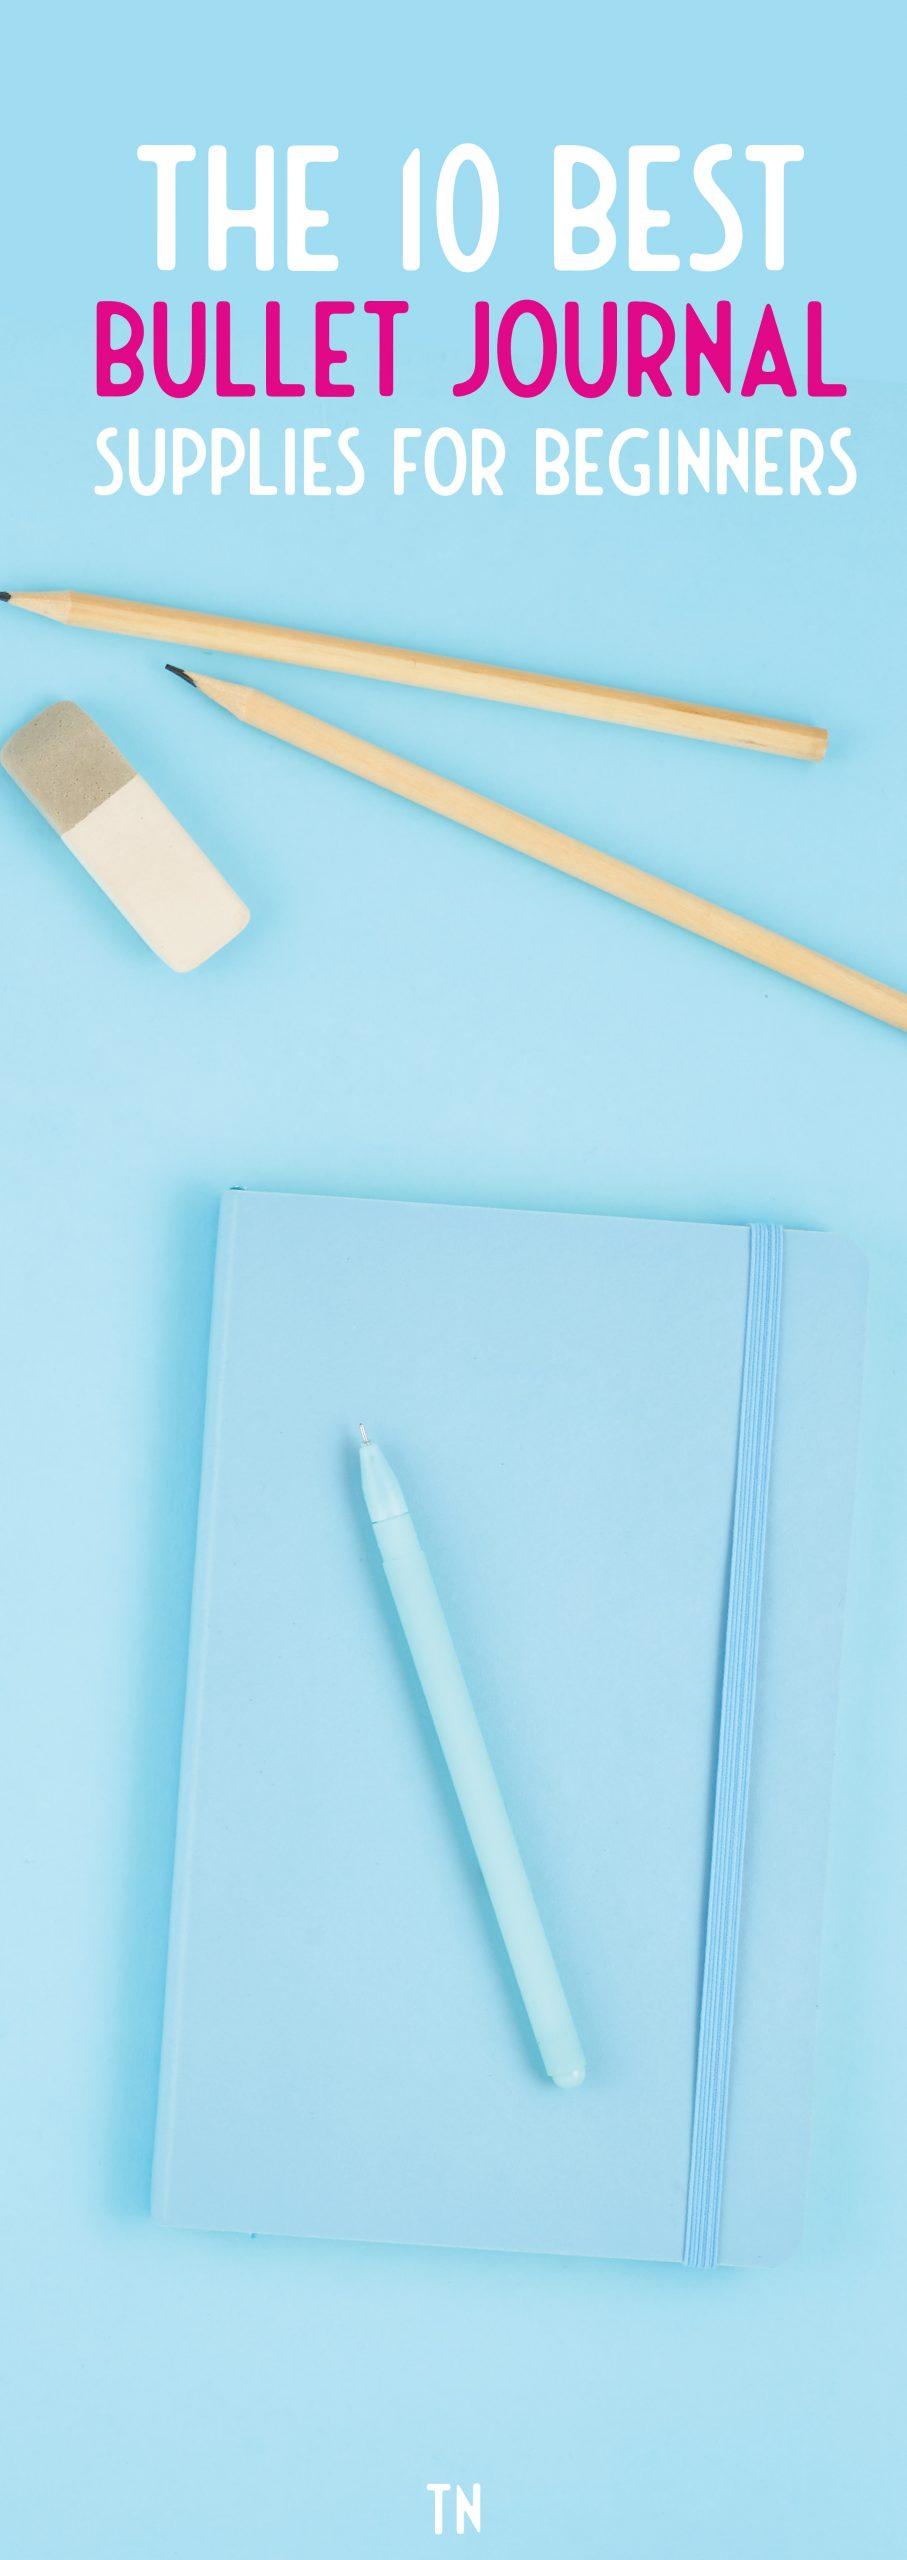 best bullet journal supplies for beginners